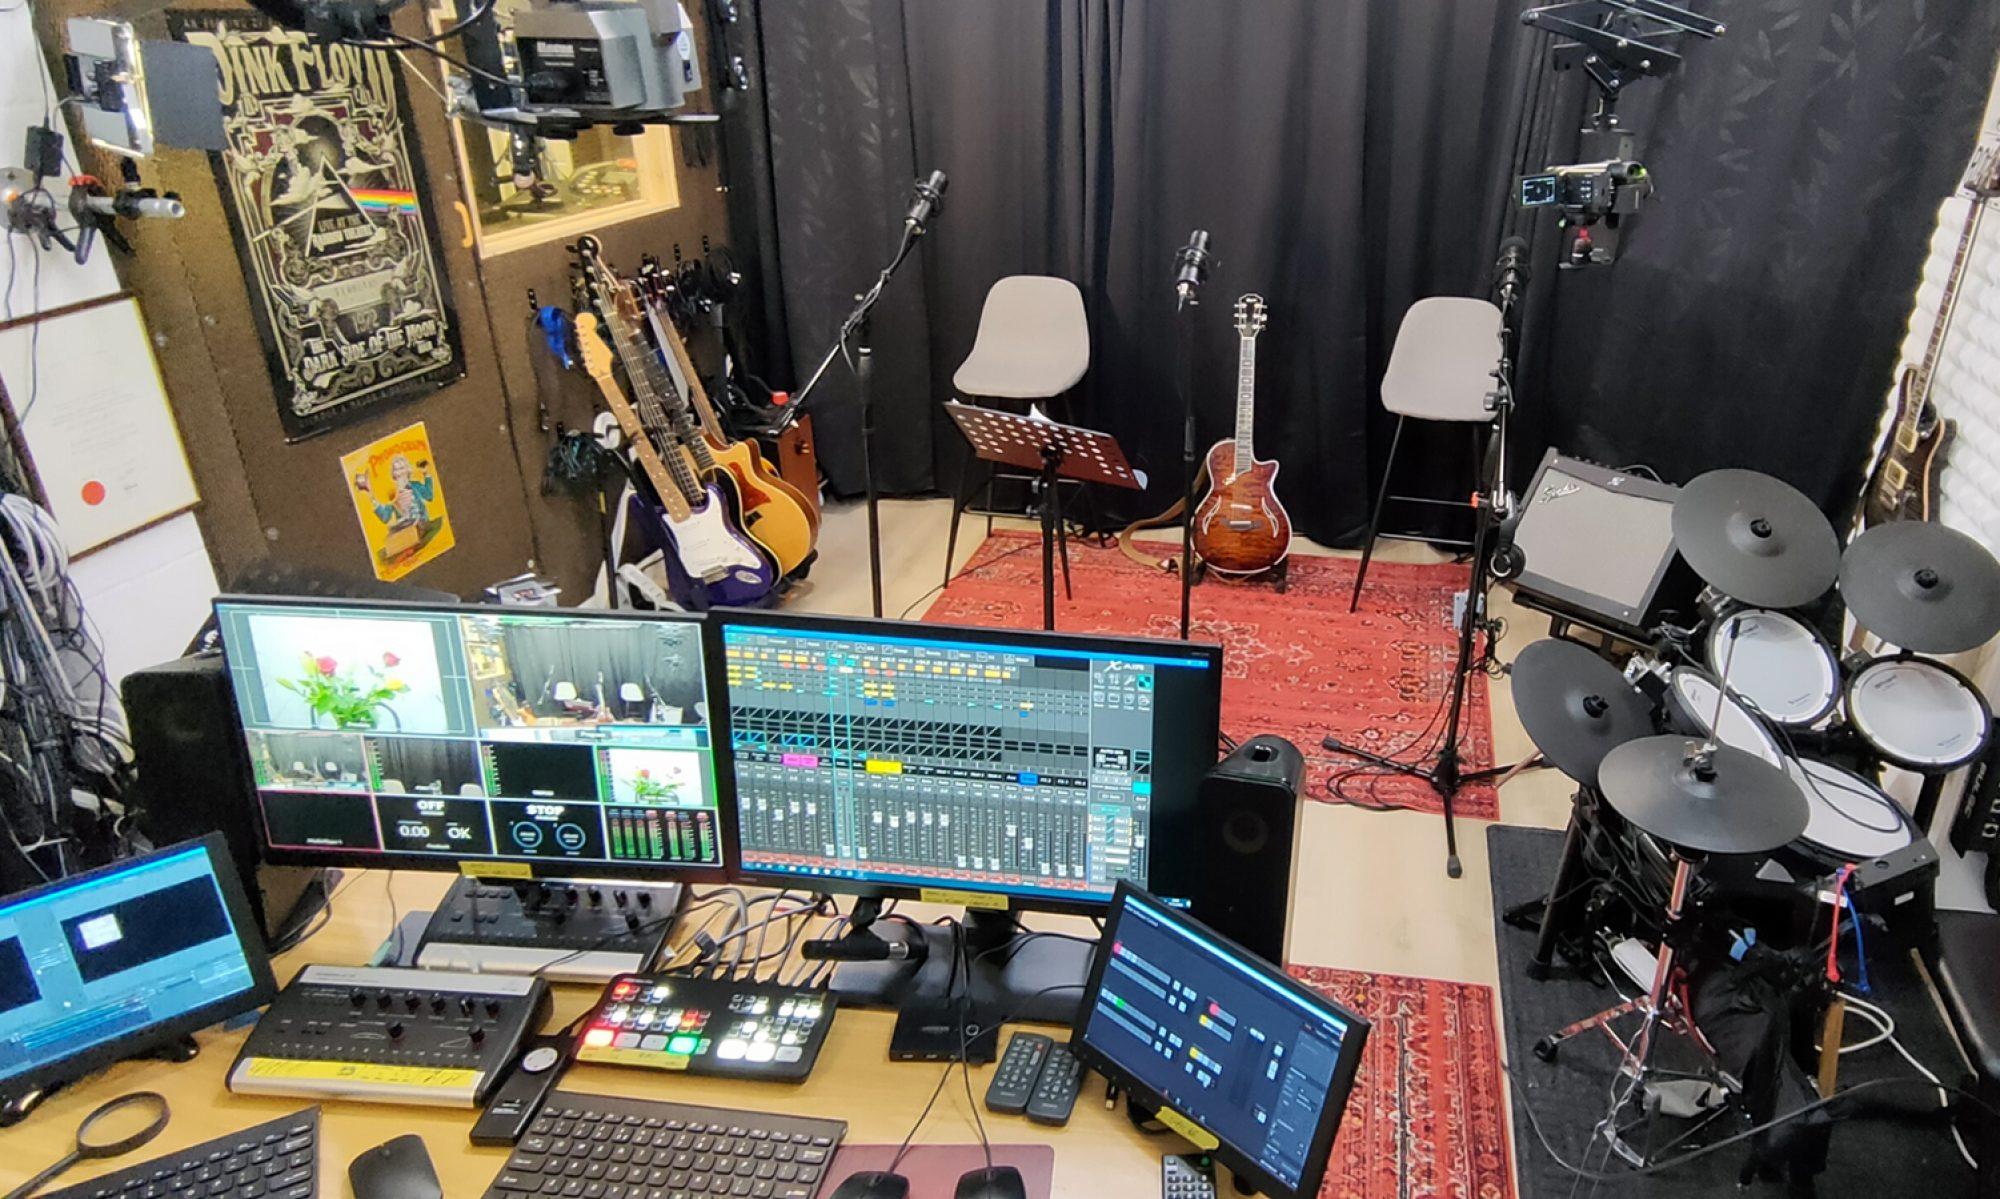 IveTechMedia Studio